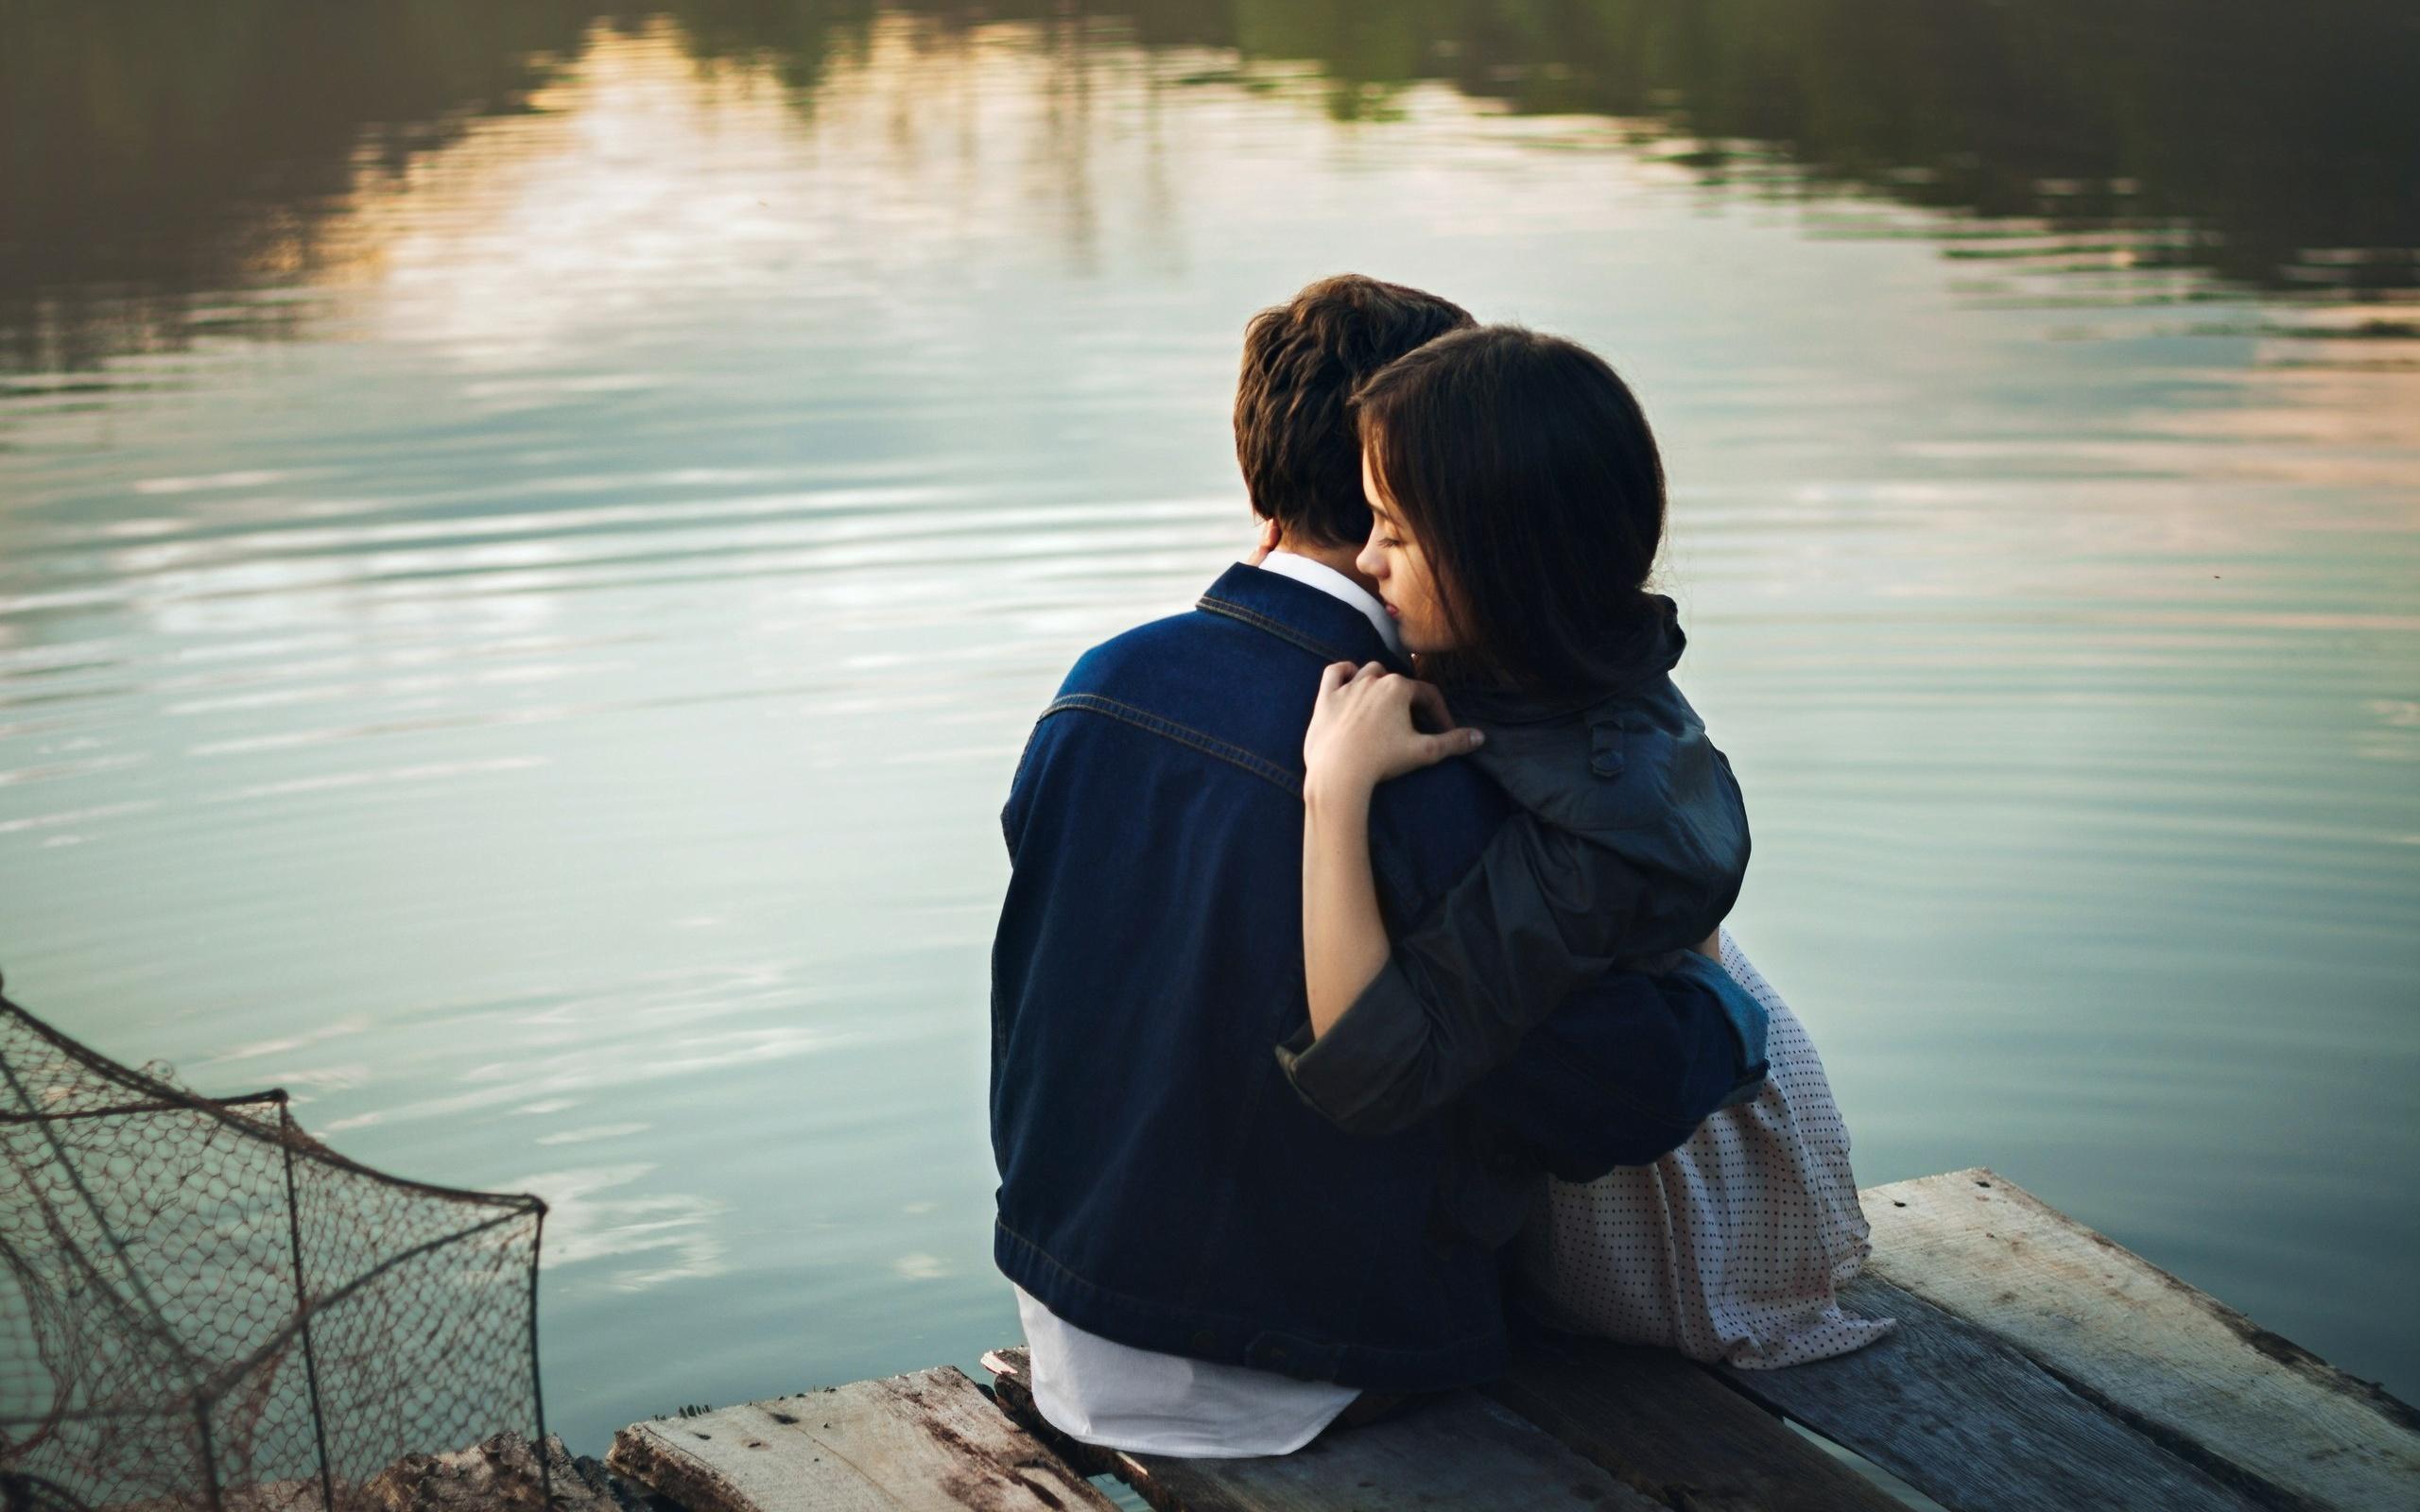 девушка, парень, пара, любовь, фото, макс кузин